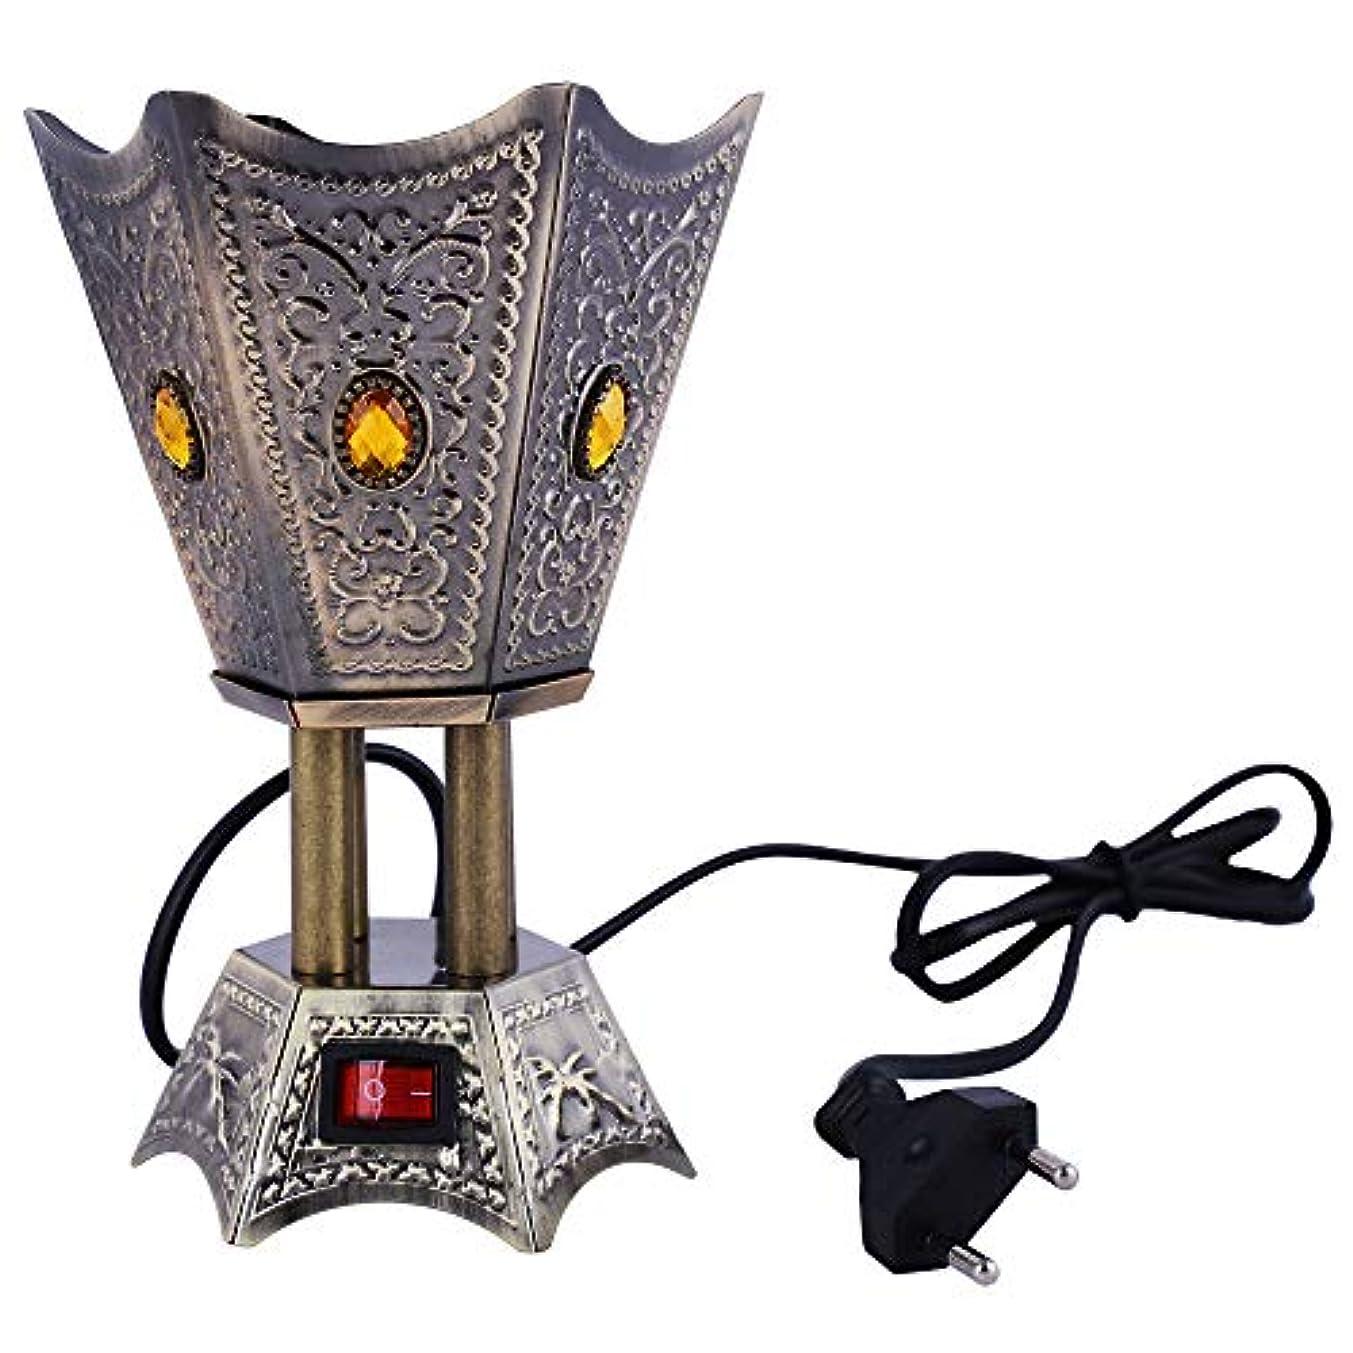 うそつき最近六月Grey Electric Bakhoor Burner Electric Incense Burner Camphor- Oud Resin Frankincense for Diwali Gift Positive...